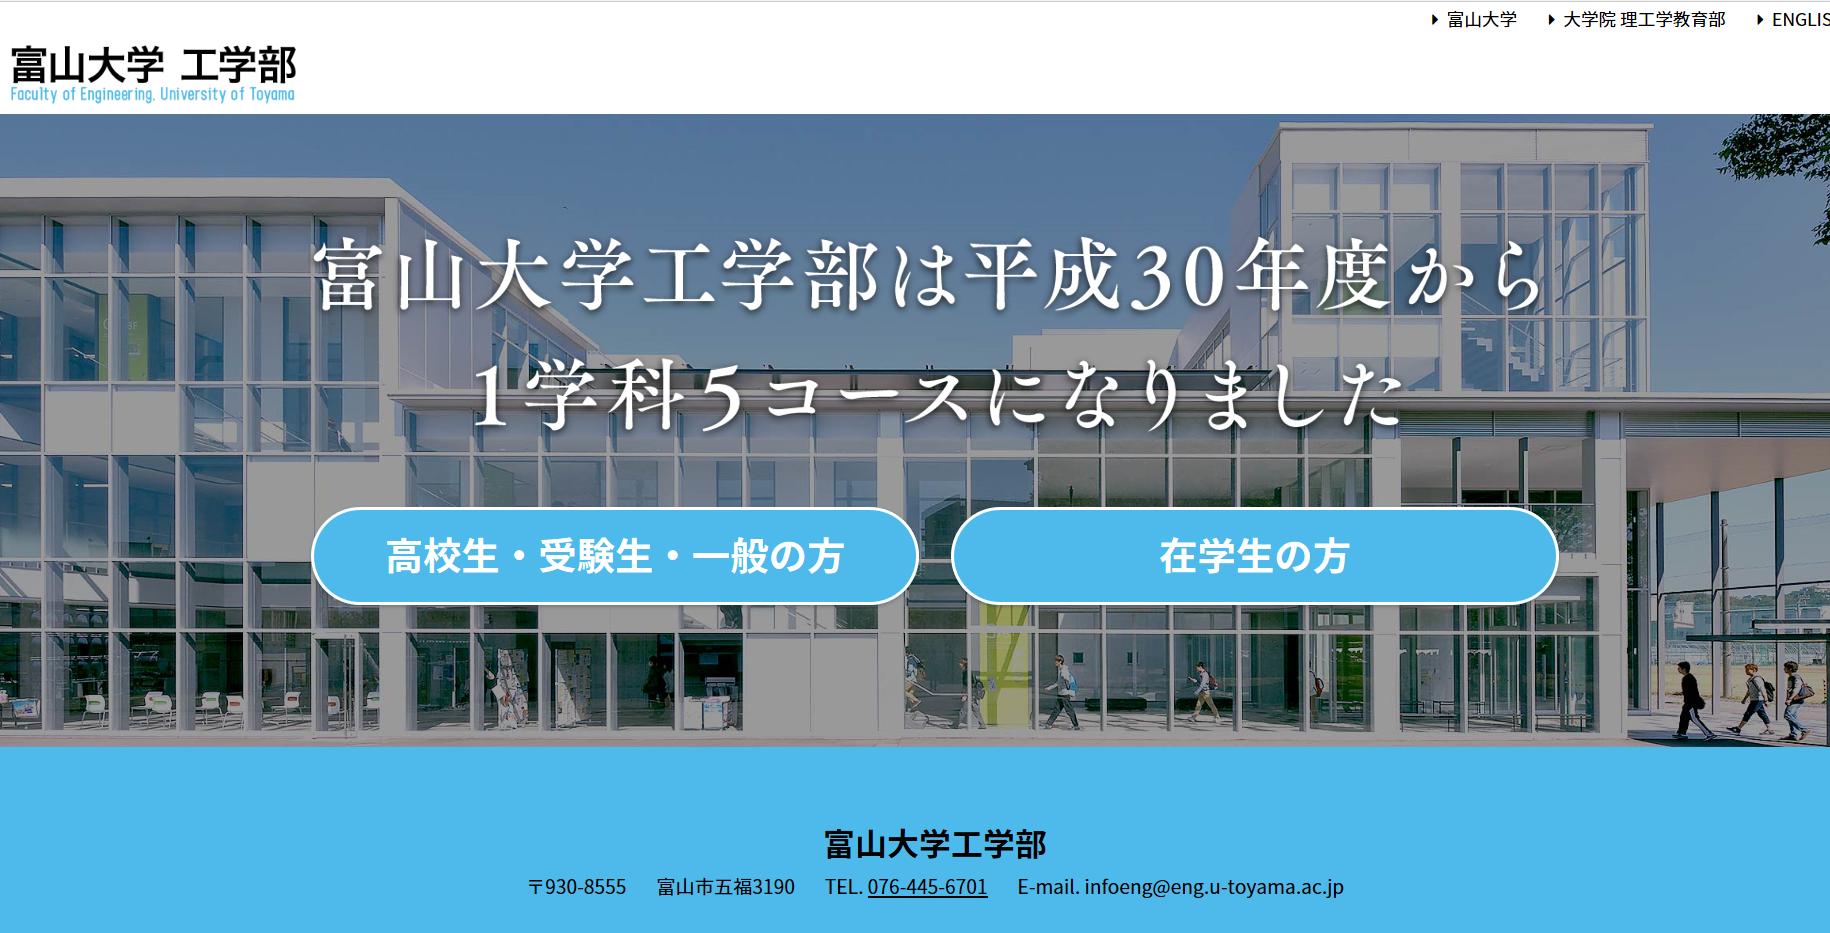 富山大学の評判・口コミ【工学部編】